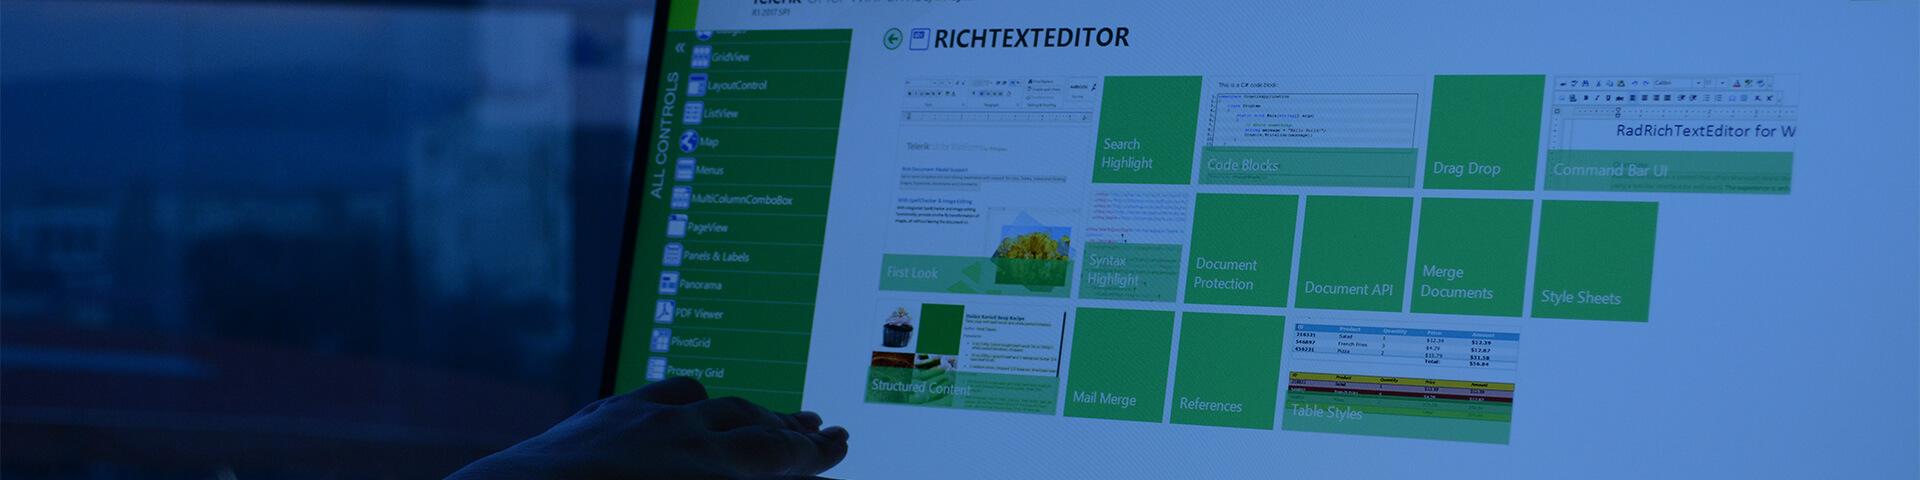 _0002_Richtexteditor